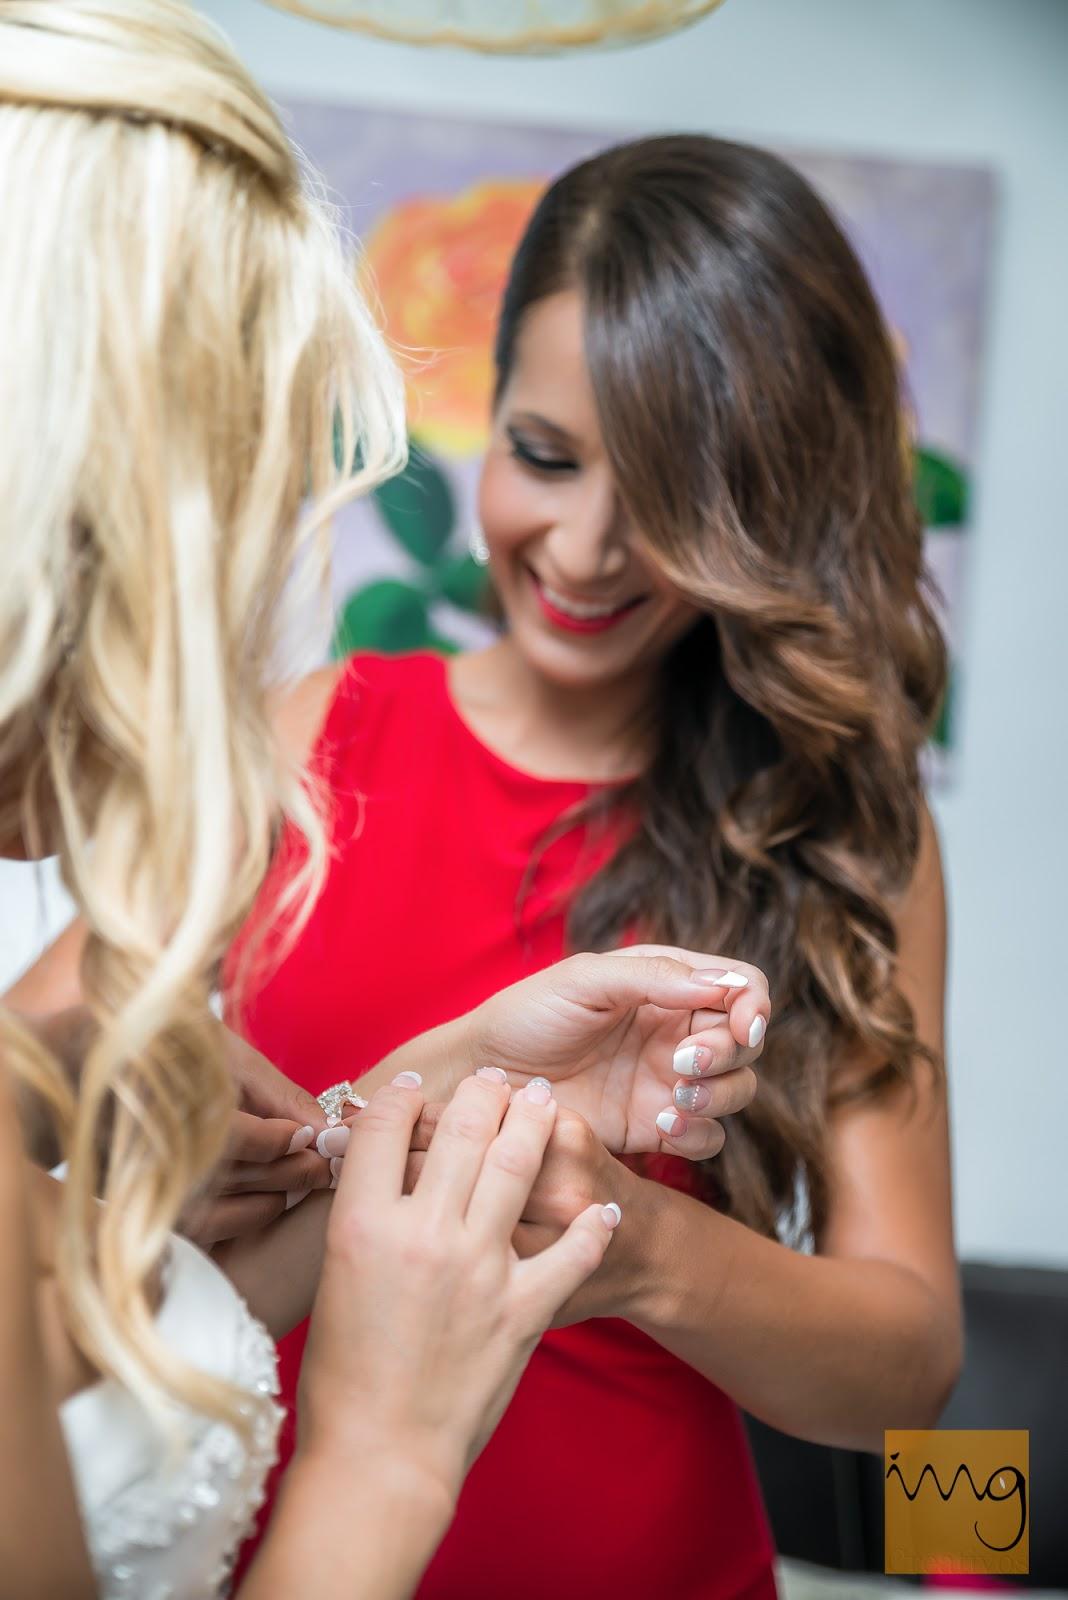 Fotografía de la novia en sus preparativos